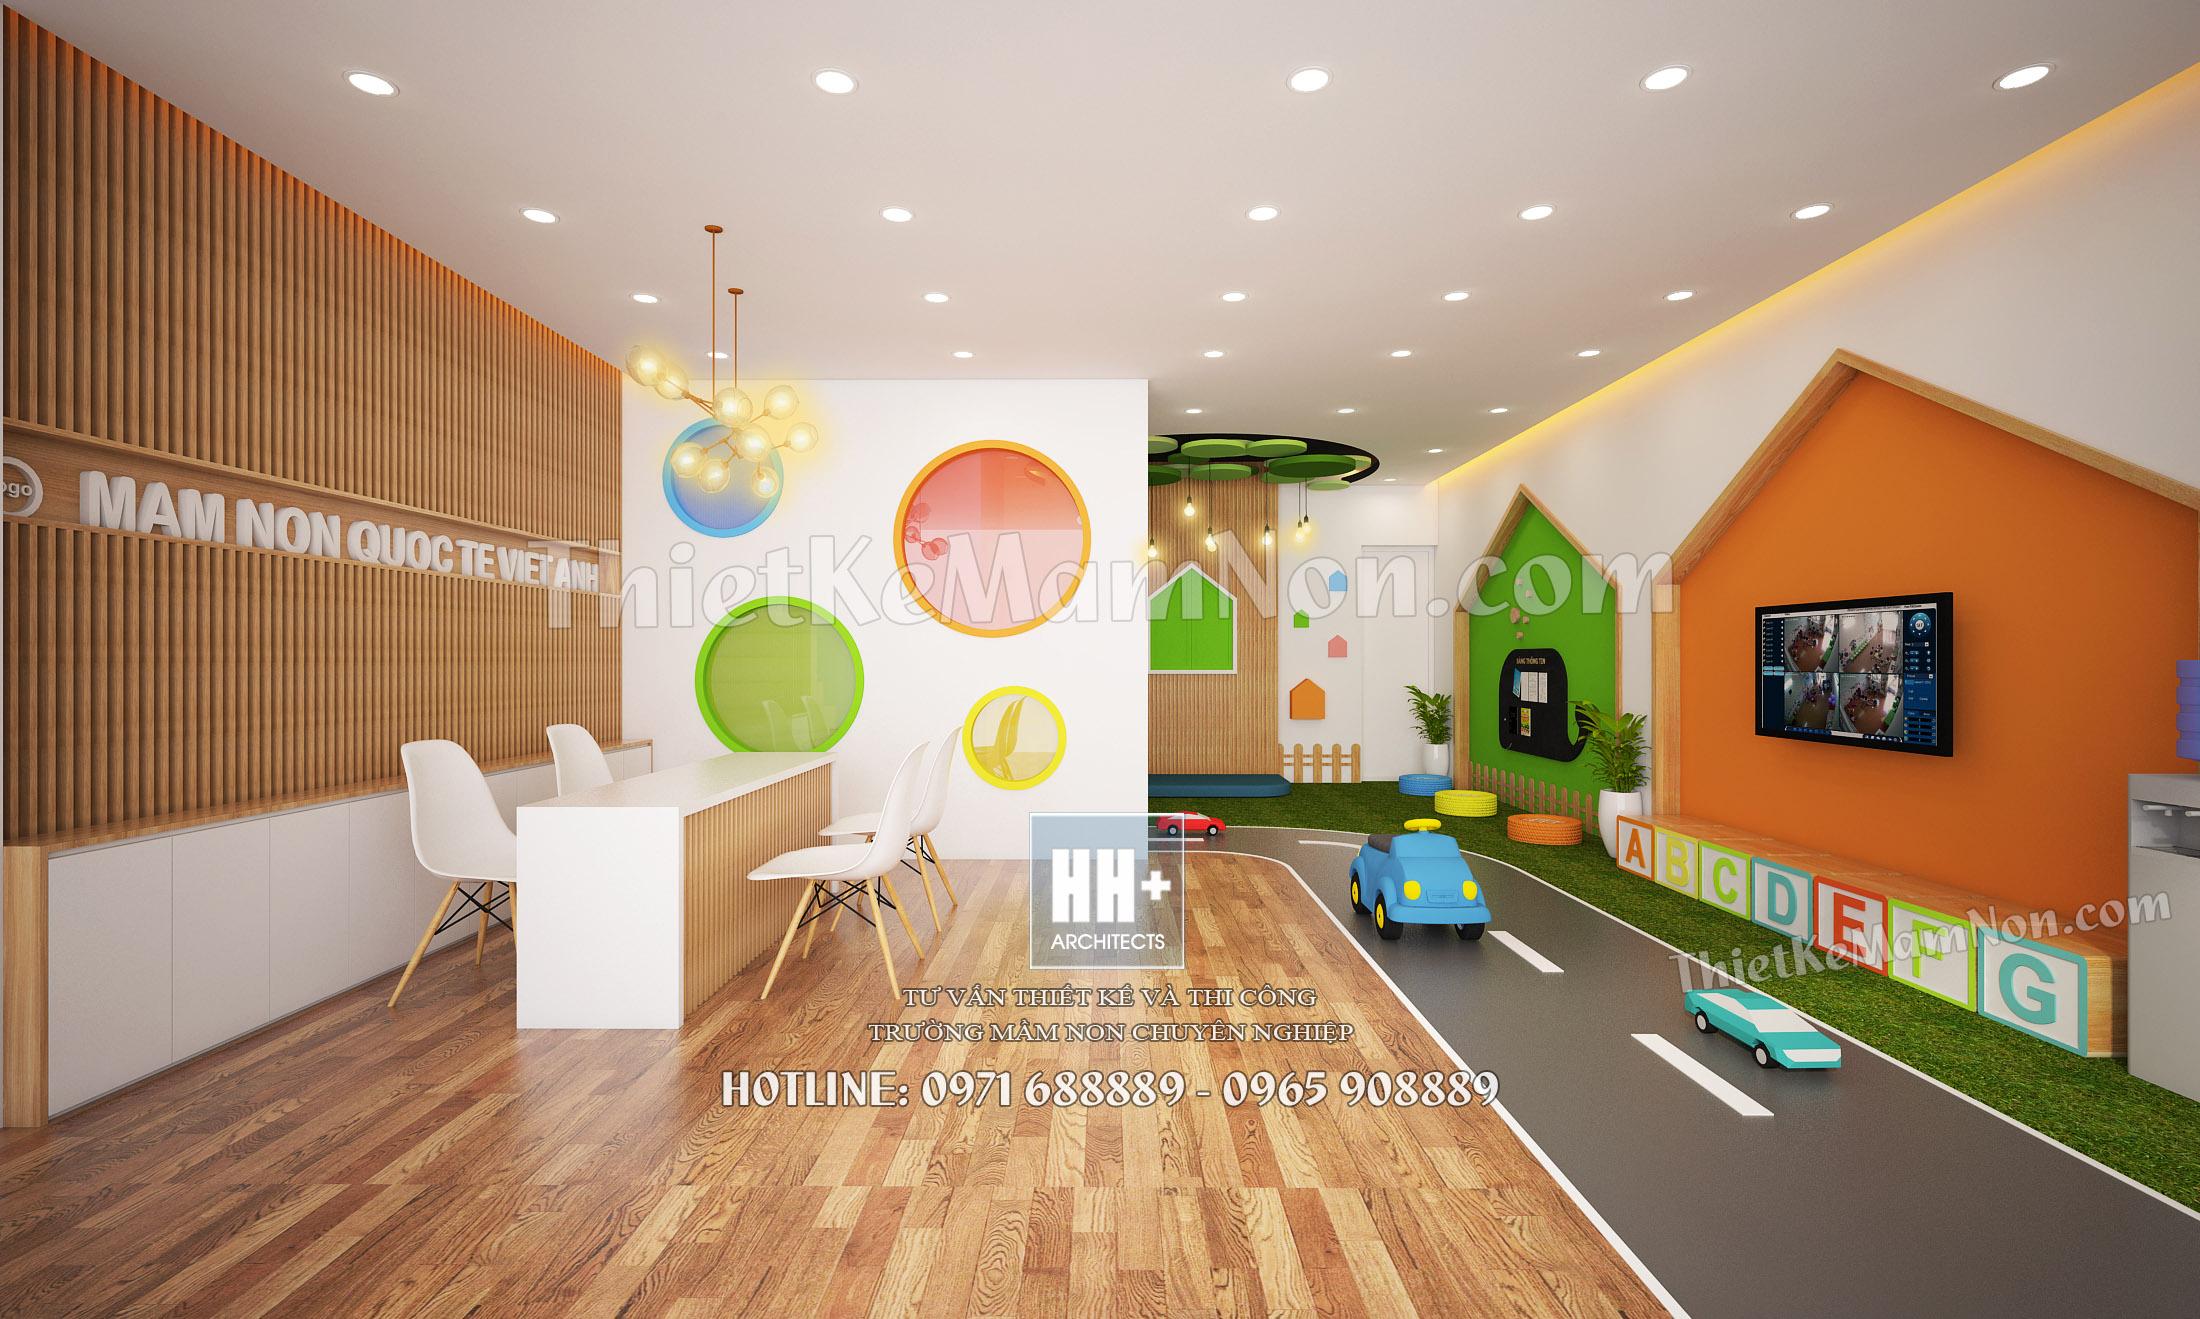 Thiết kế nội thất mầm non thiết kế nội thất mầm non Thiết kế nội thất mầm non quốc tế Việt Anh 01